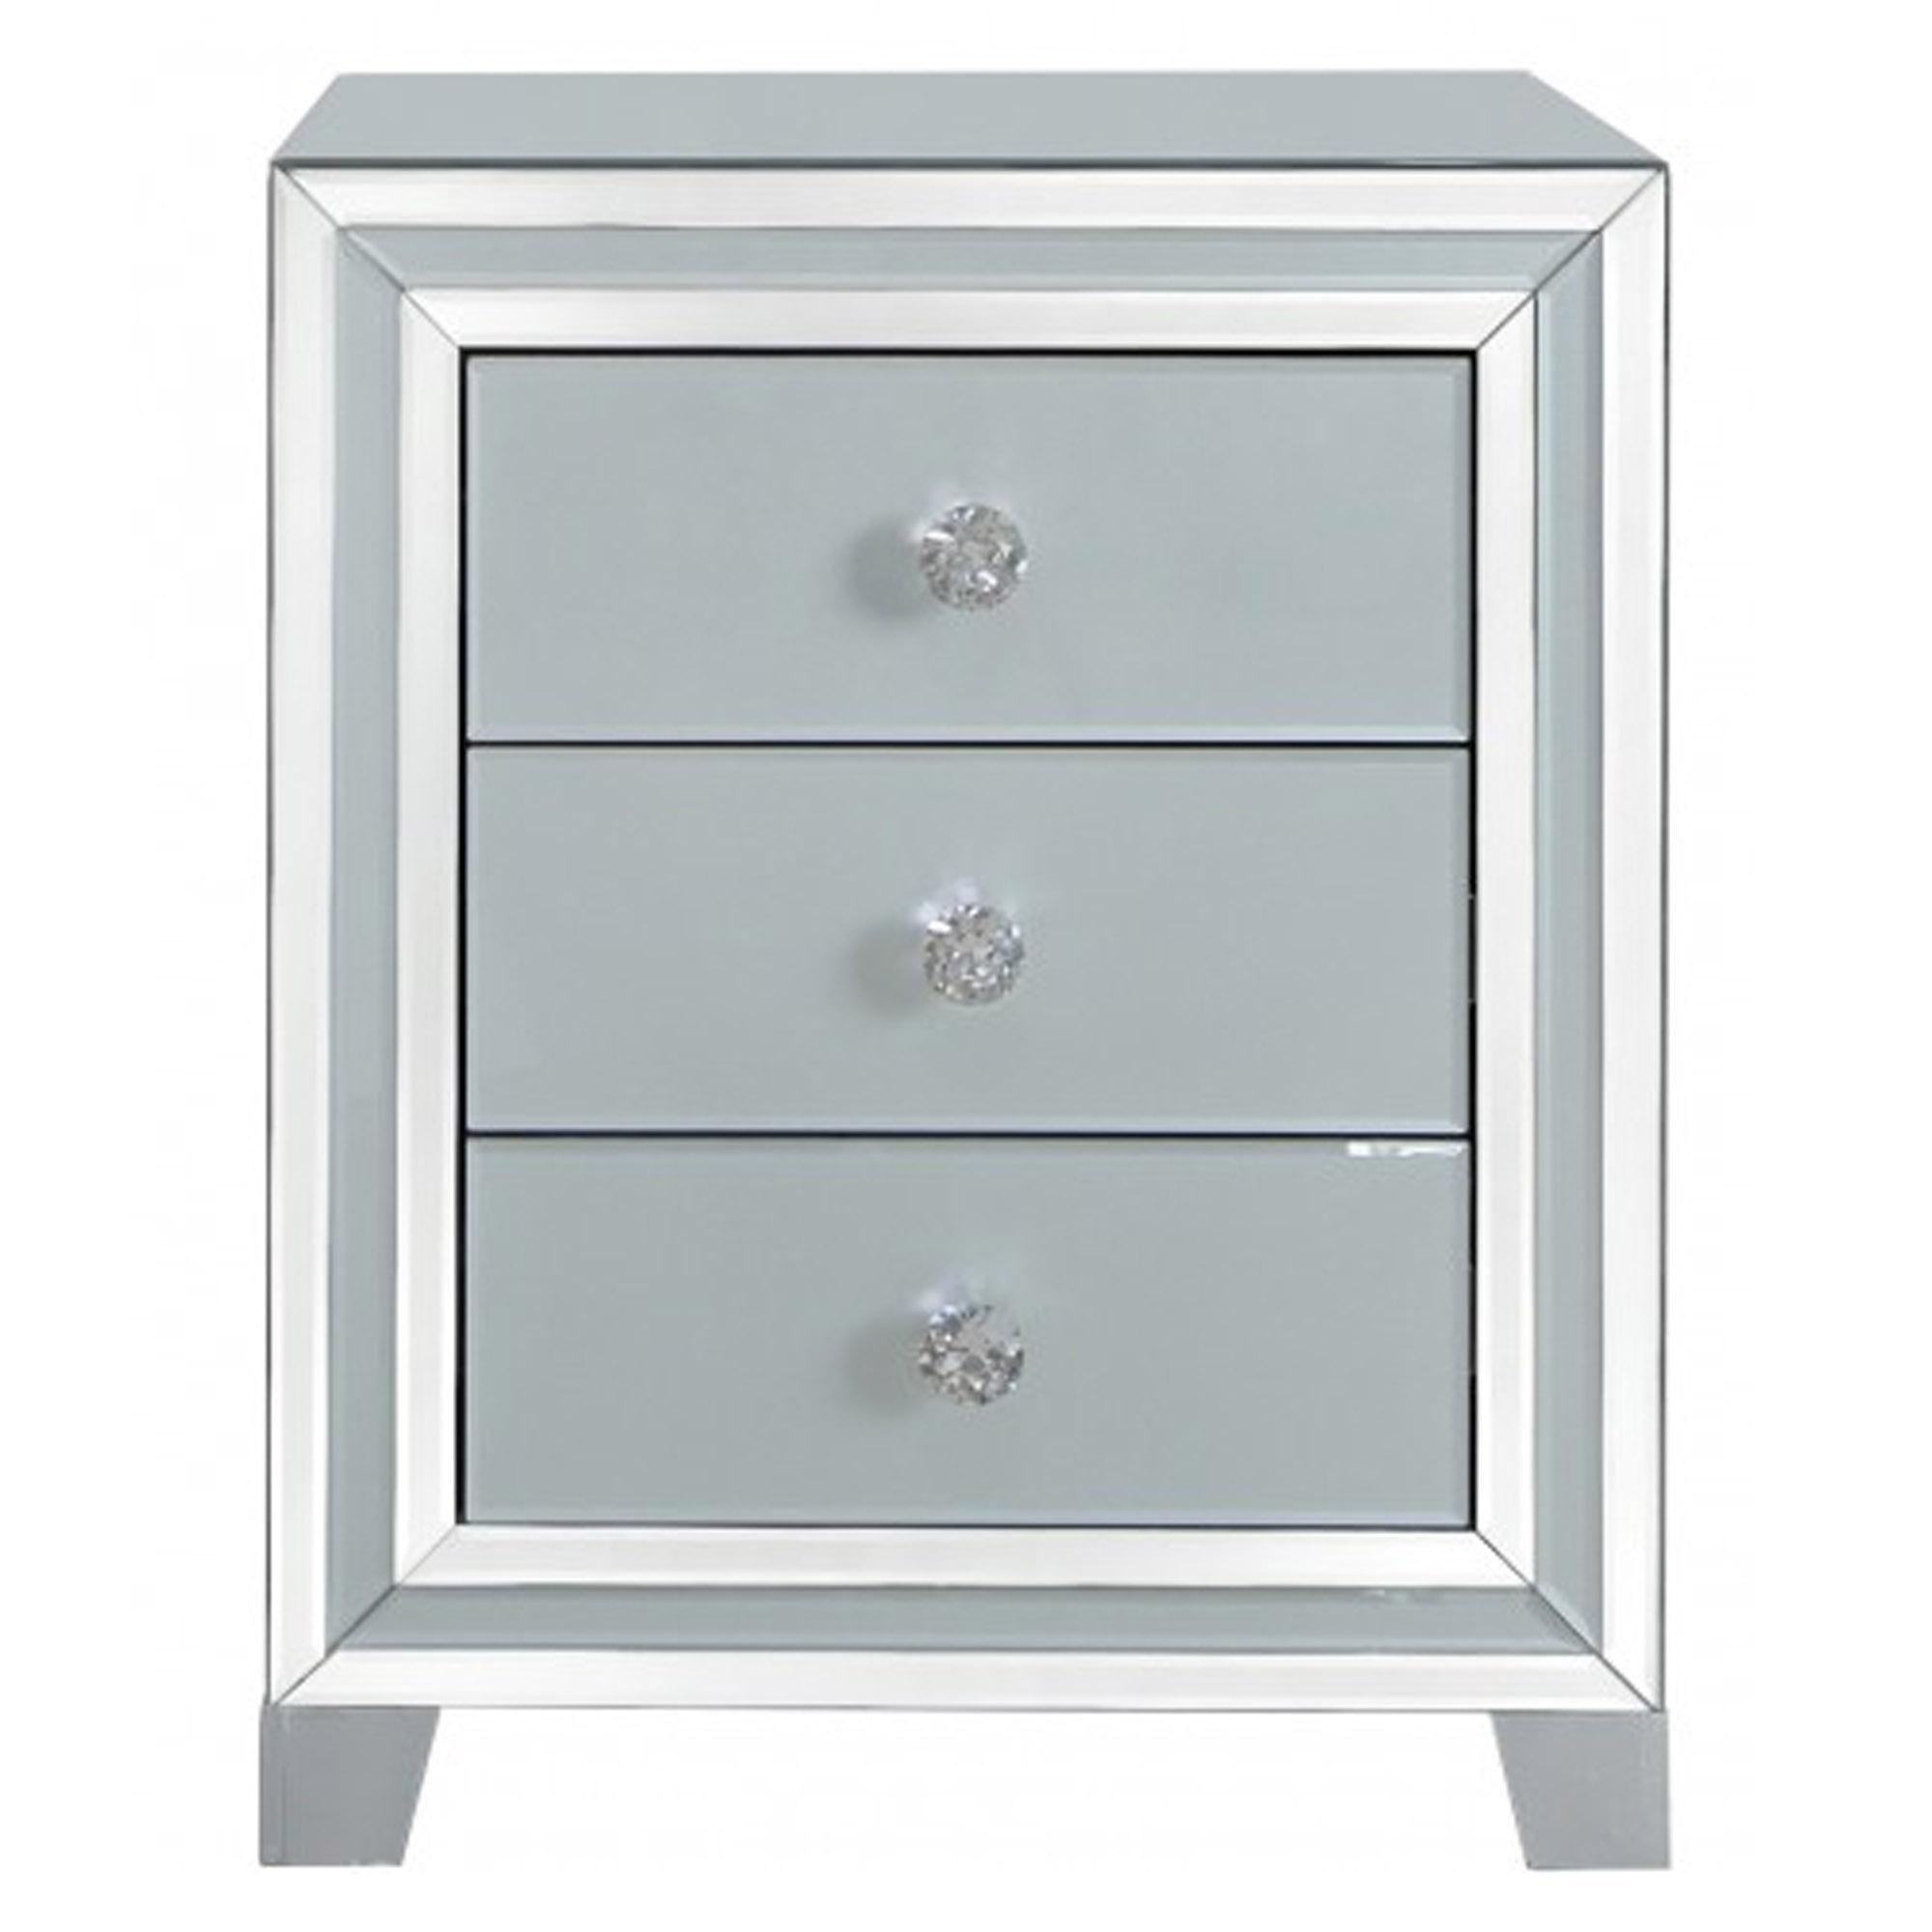 3df6ba5816fb Alghero Grey Mirrored 3 Drawer Bedside Table | Contemporary Bedroom